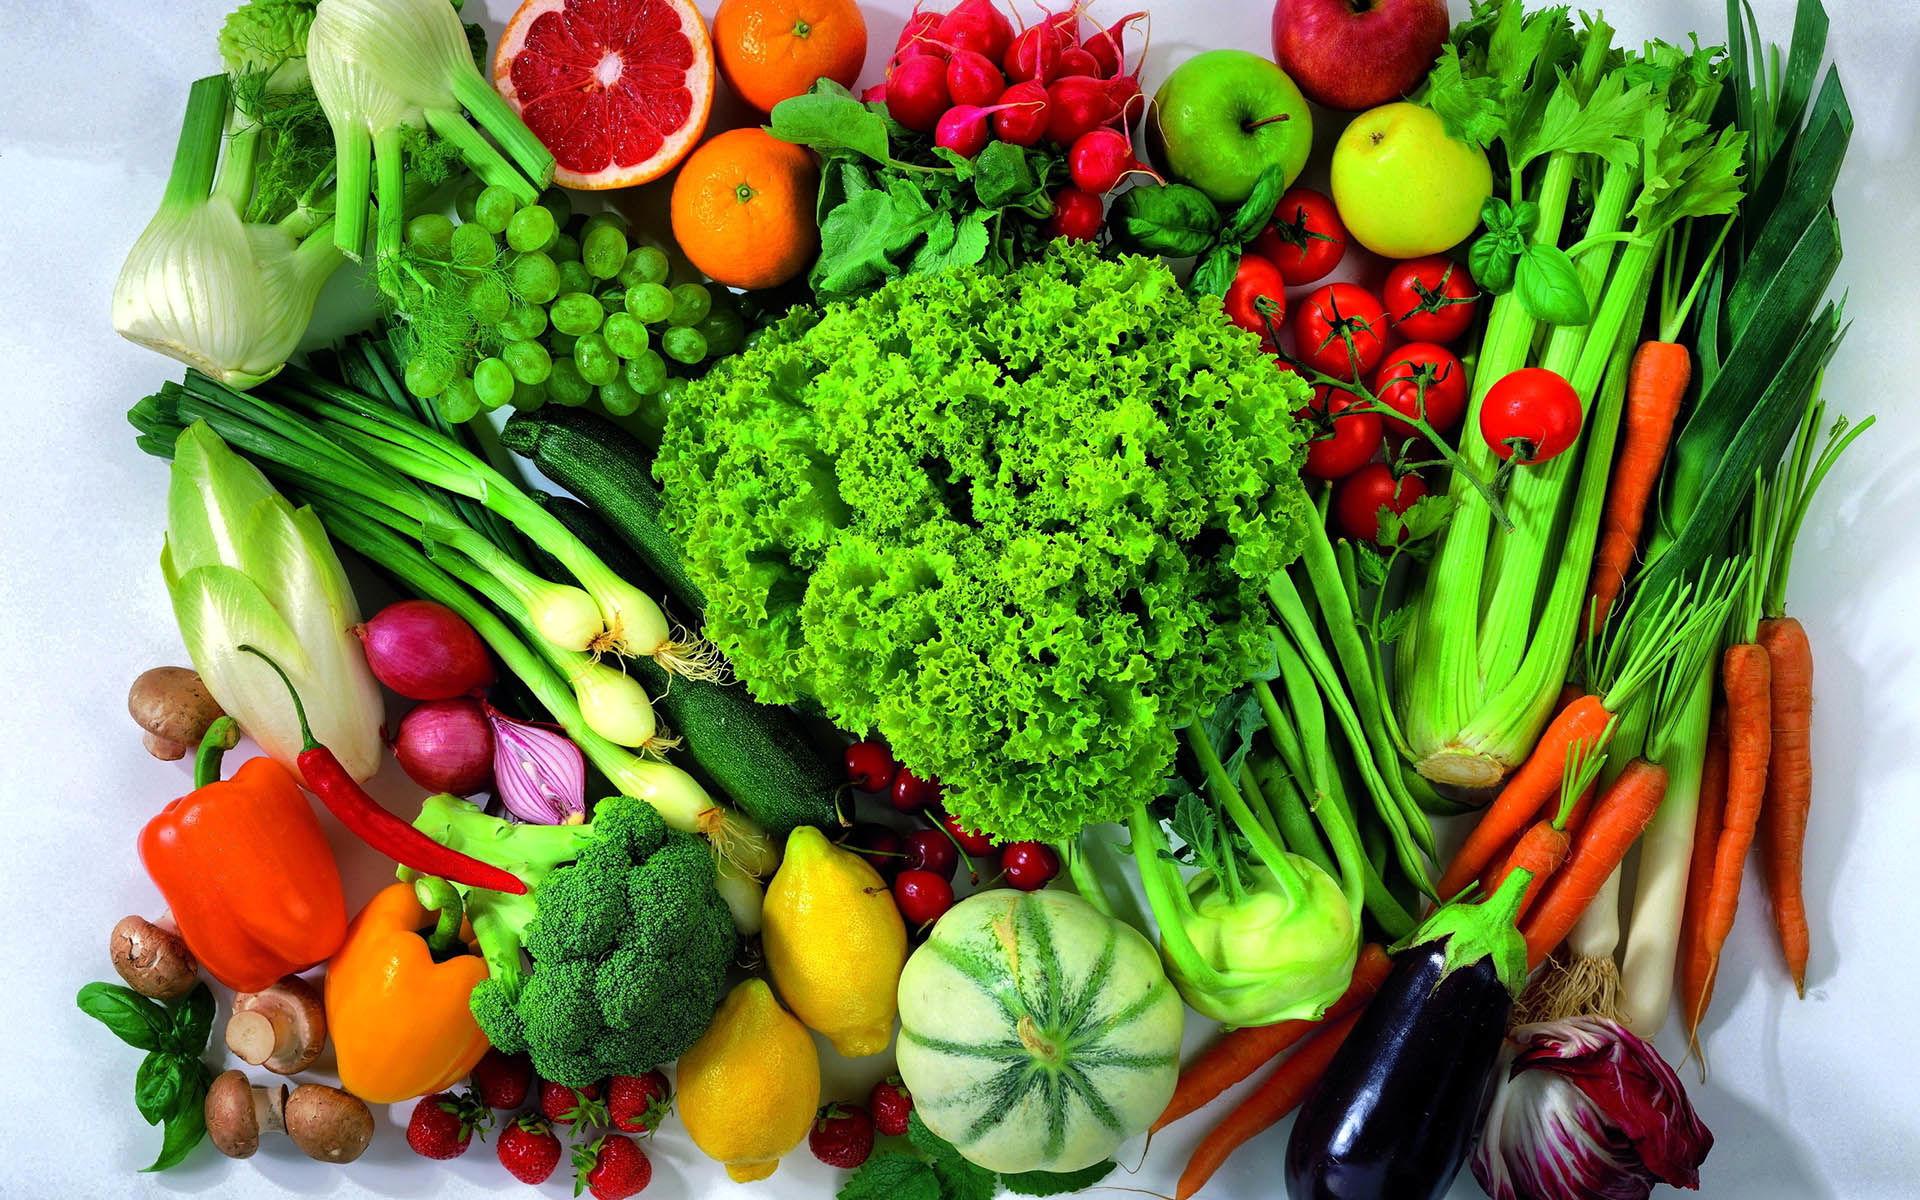 این سبزیجات در عرض ۳ سوت پوستتان را زیبا می کنند!